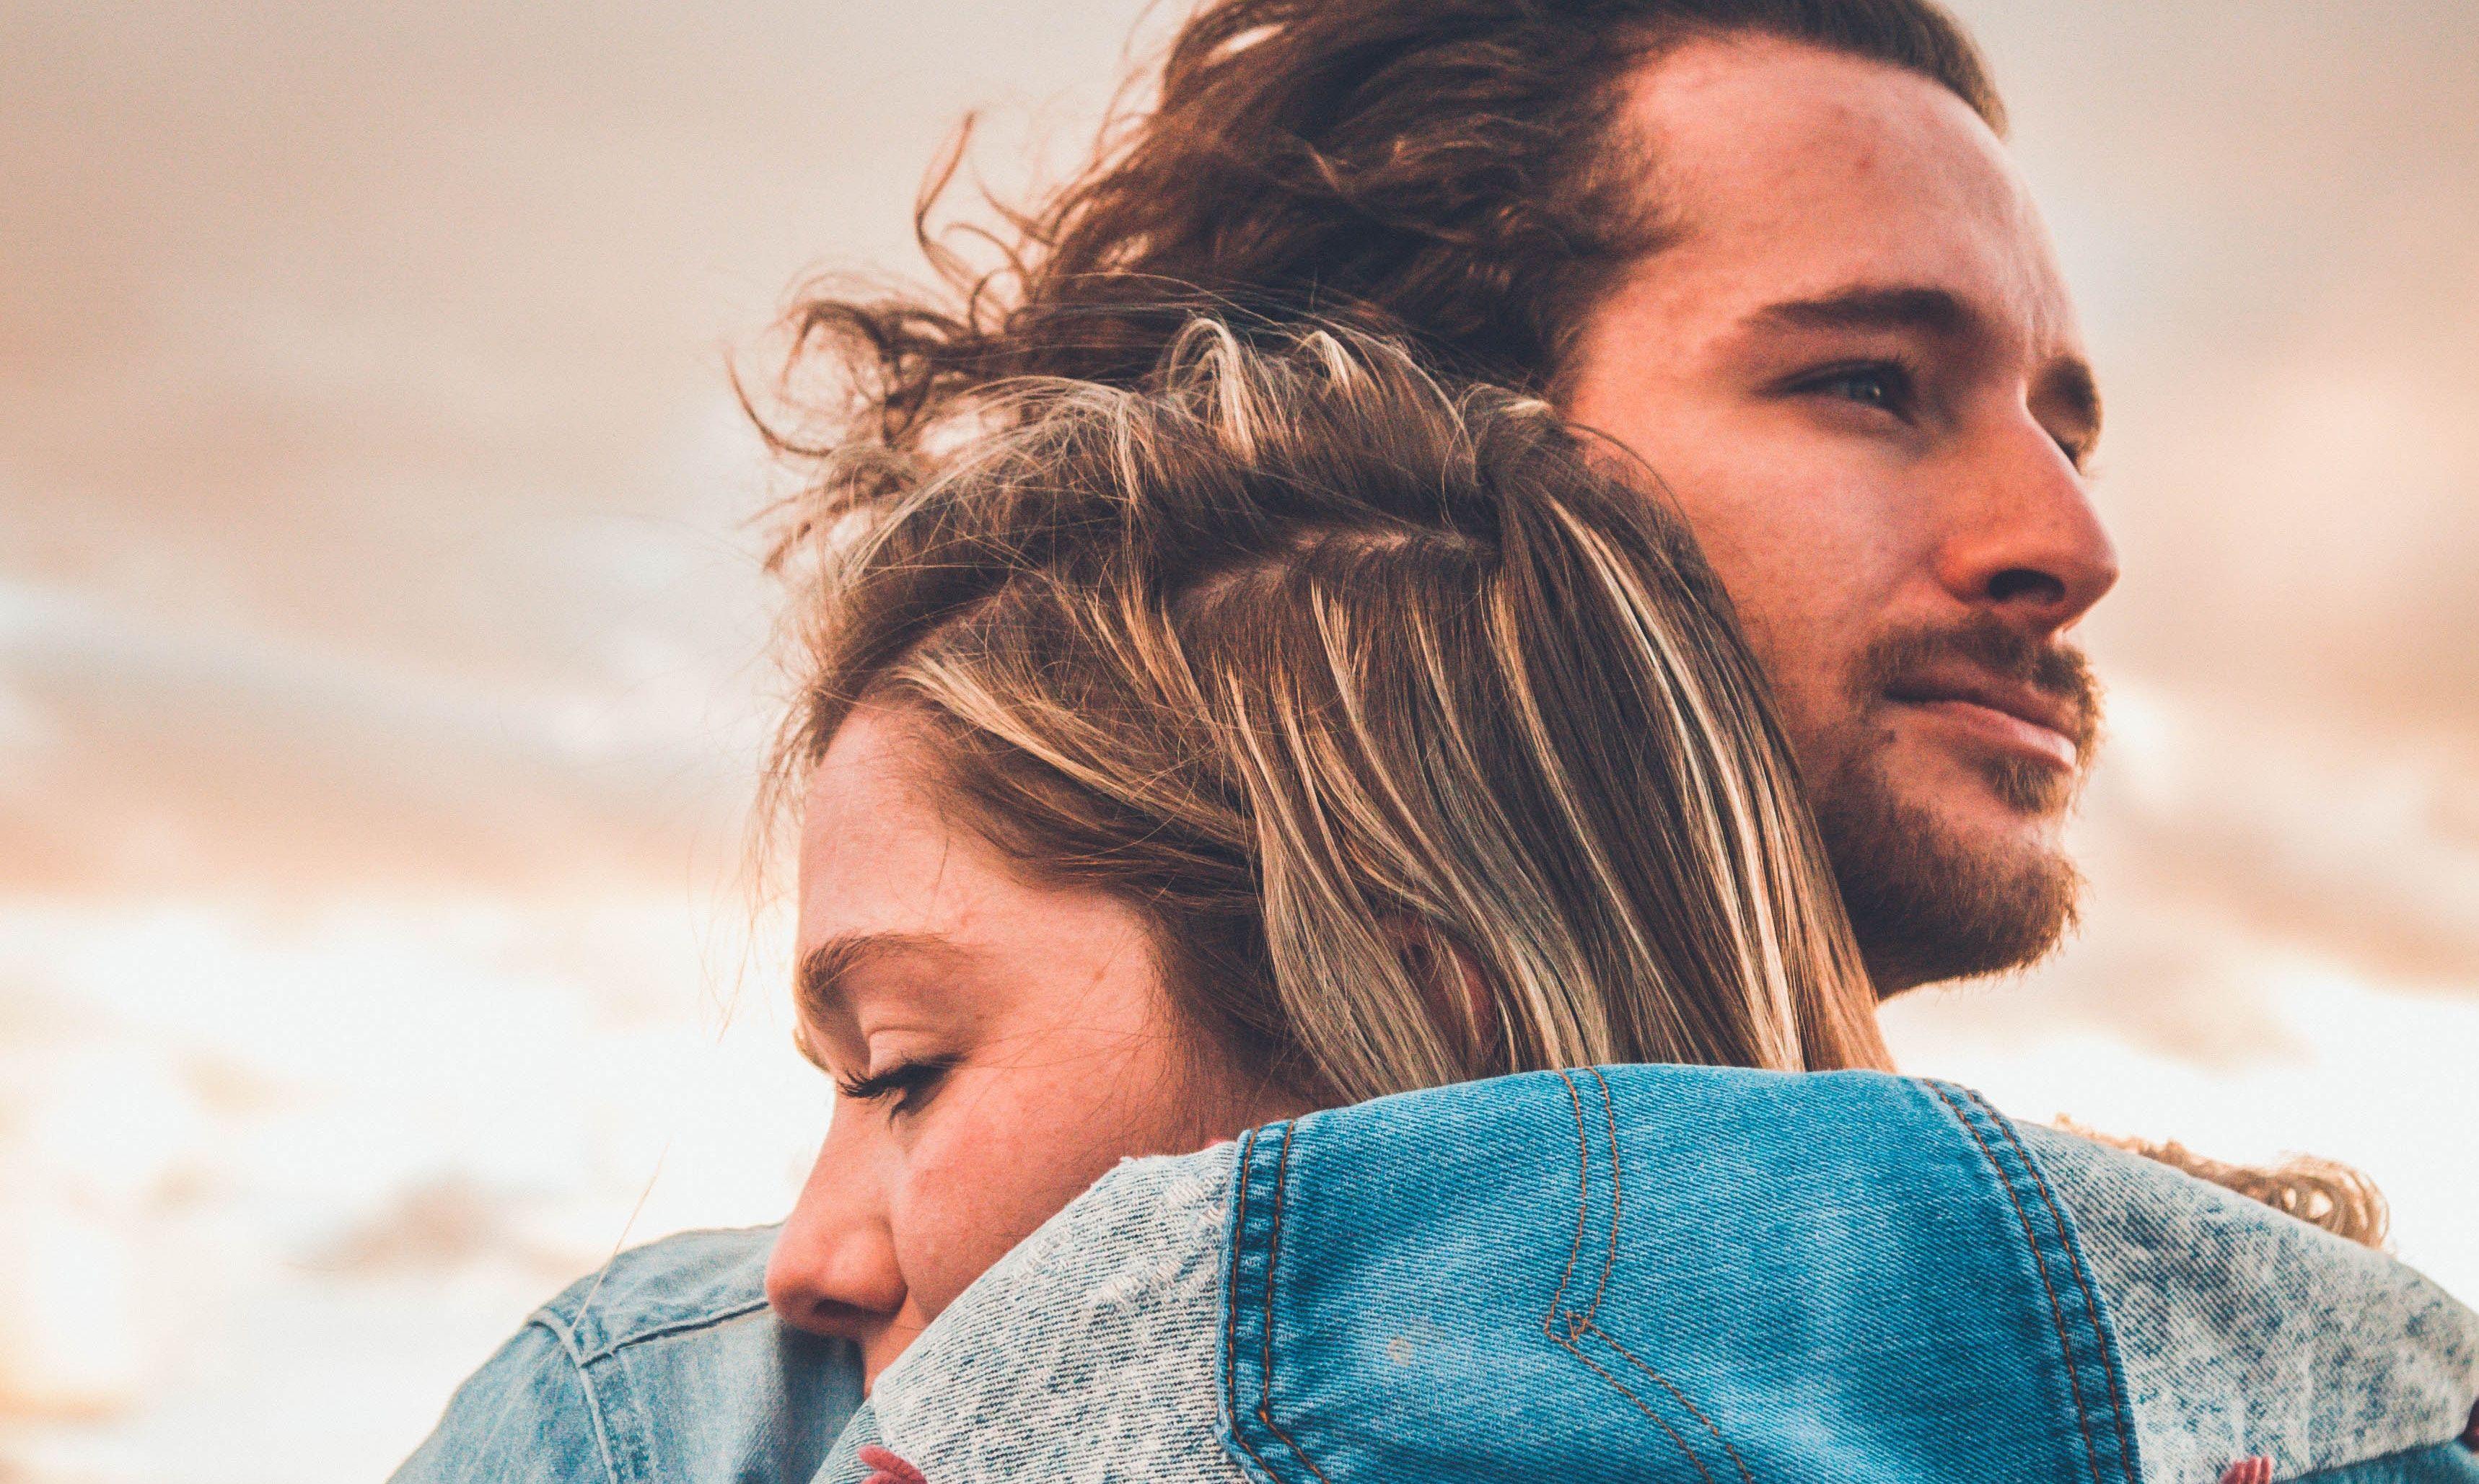 giù sindrome di dating sito Web cs andare matchmaking server posizioni